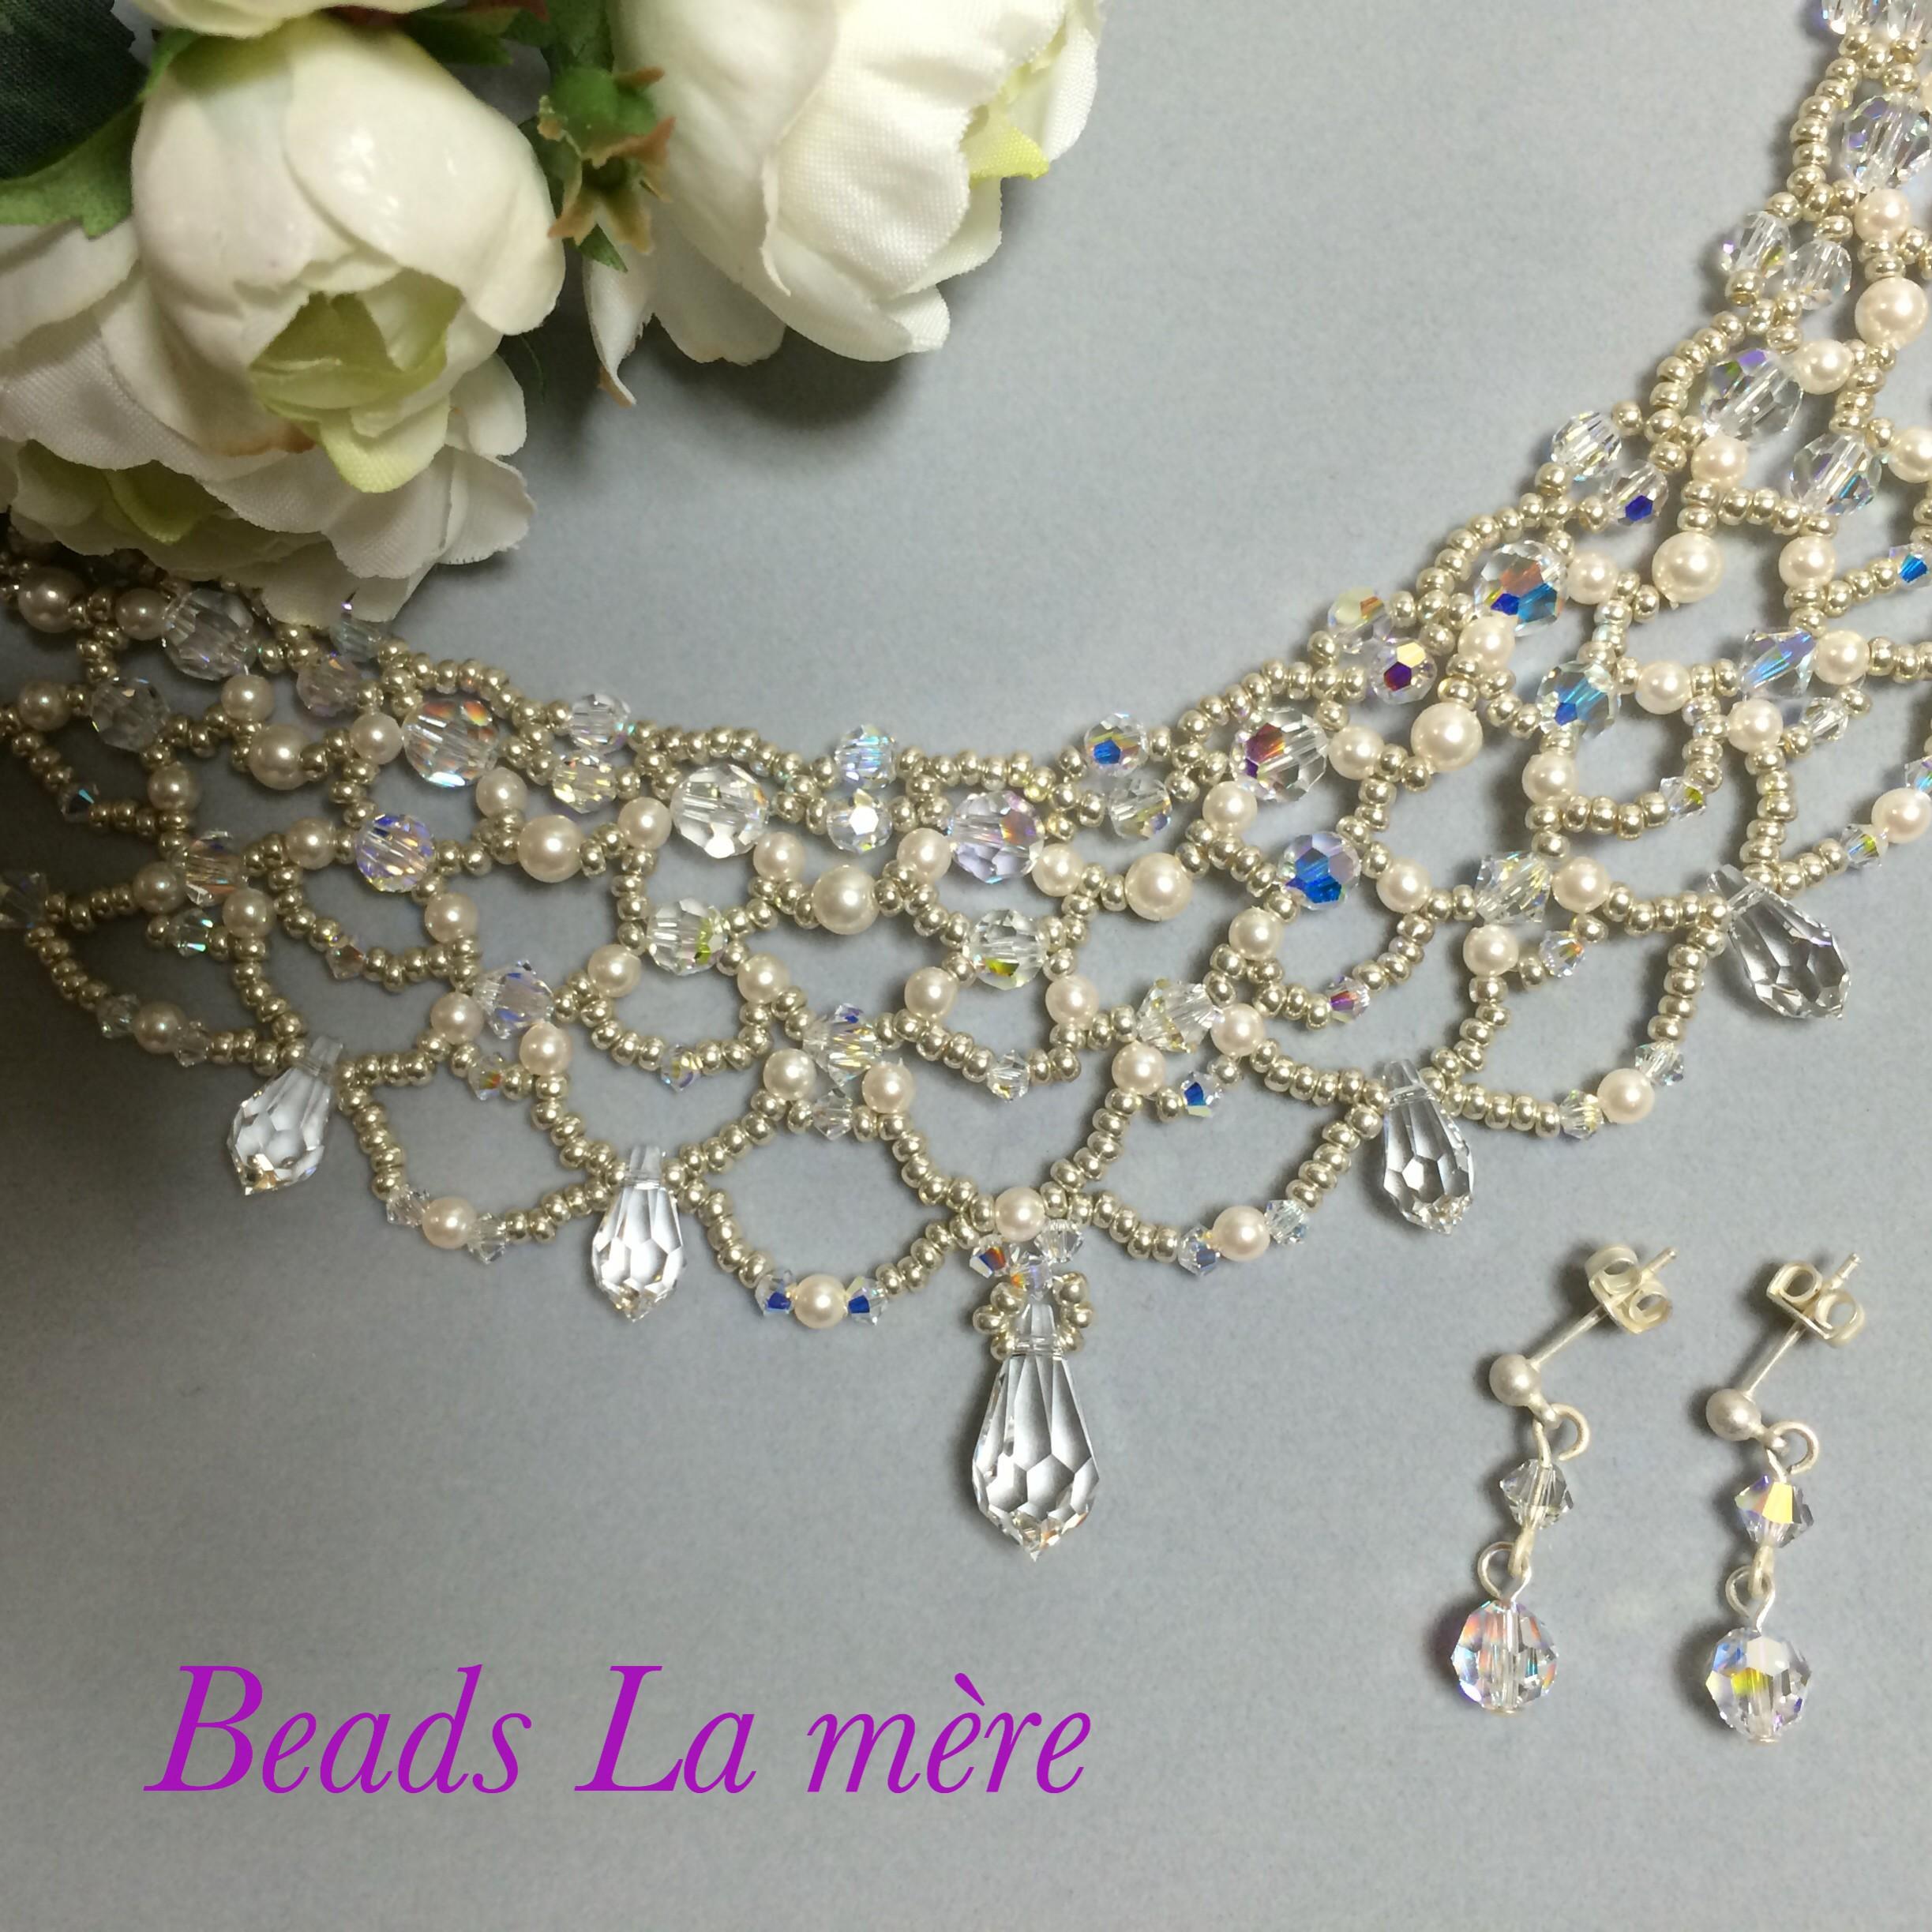 ボヘミアンビーズ丸小シルバーをメインのネックレス | beadslamere